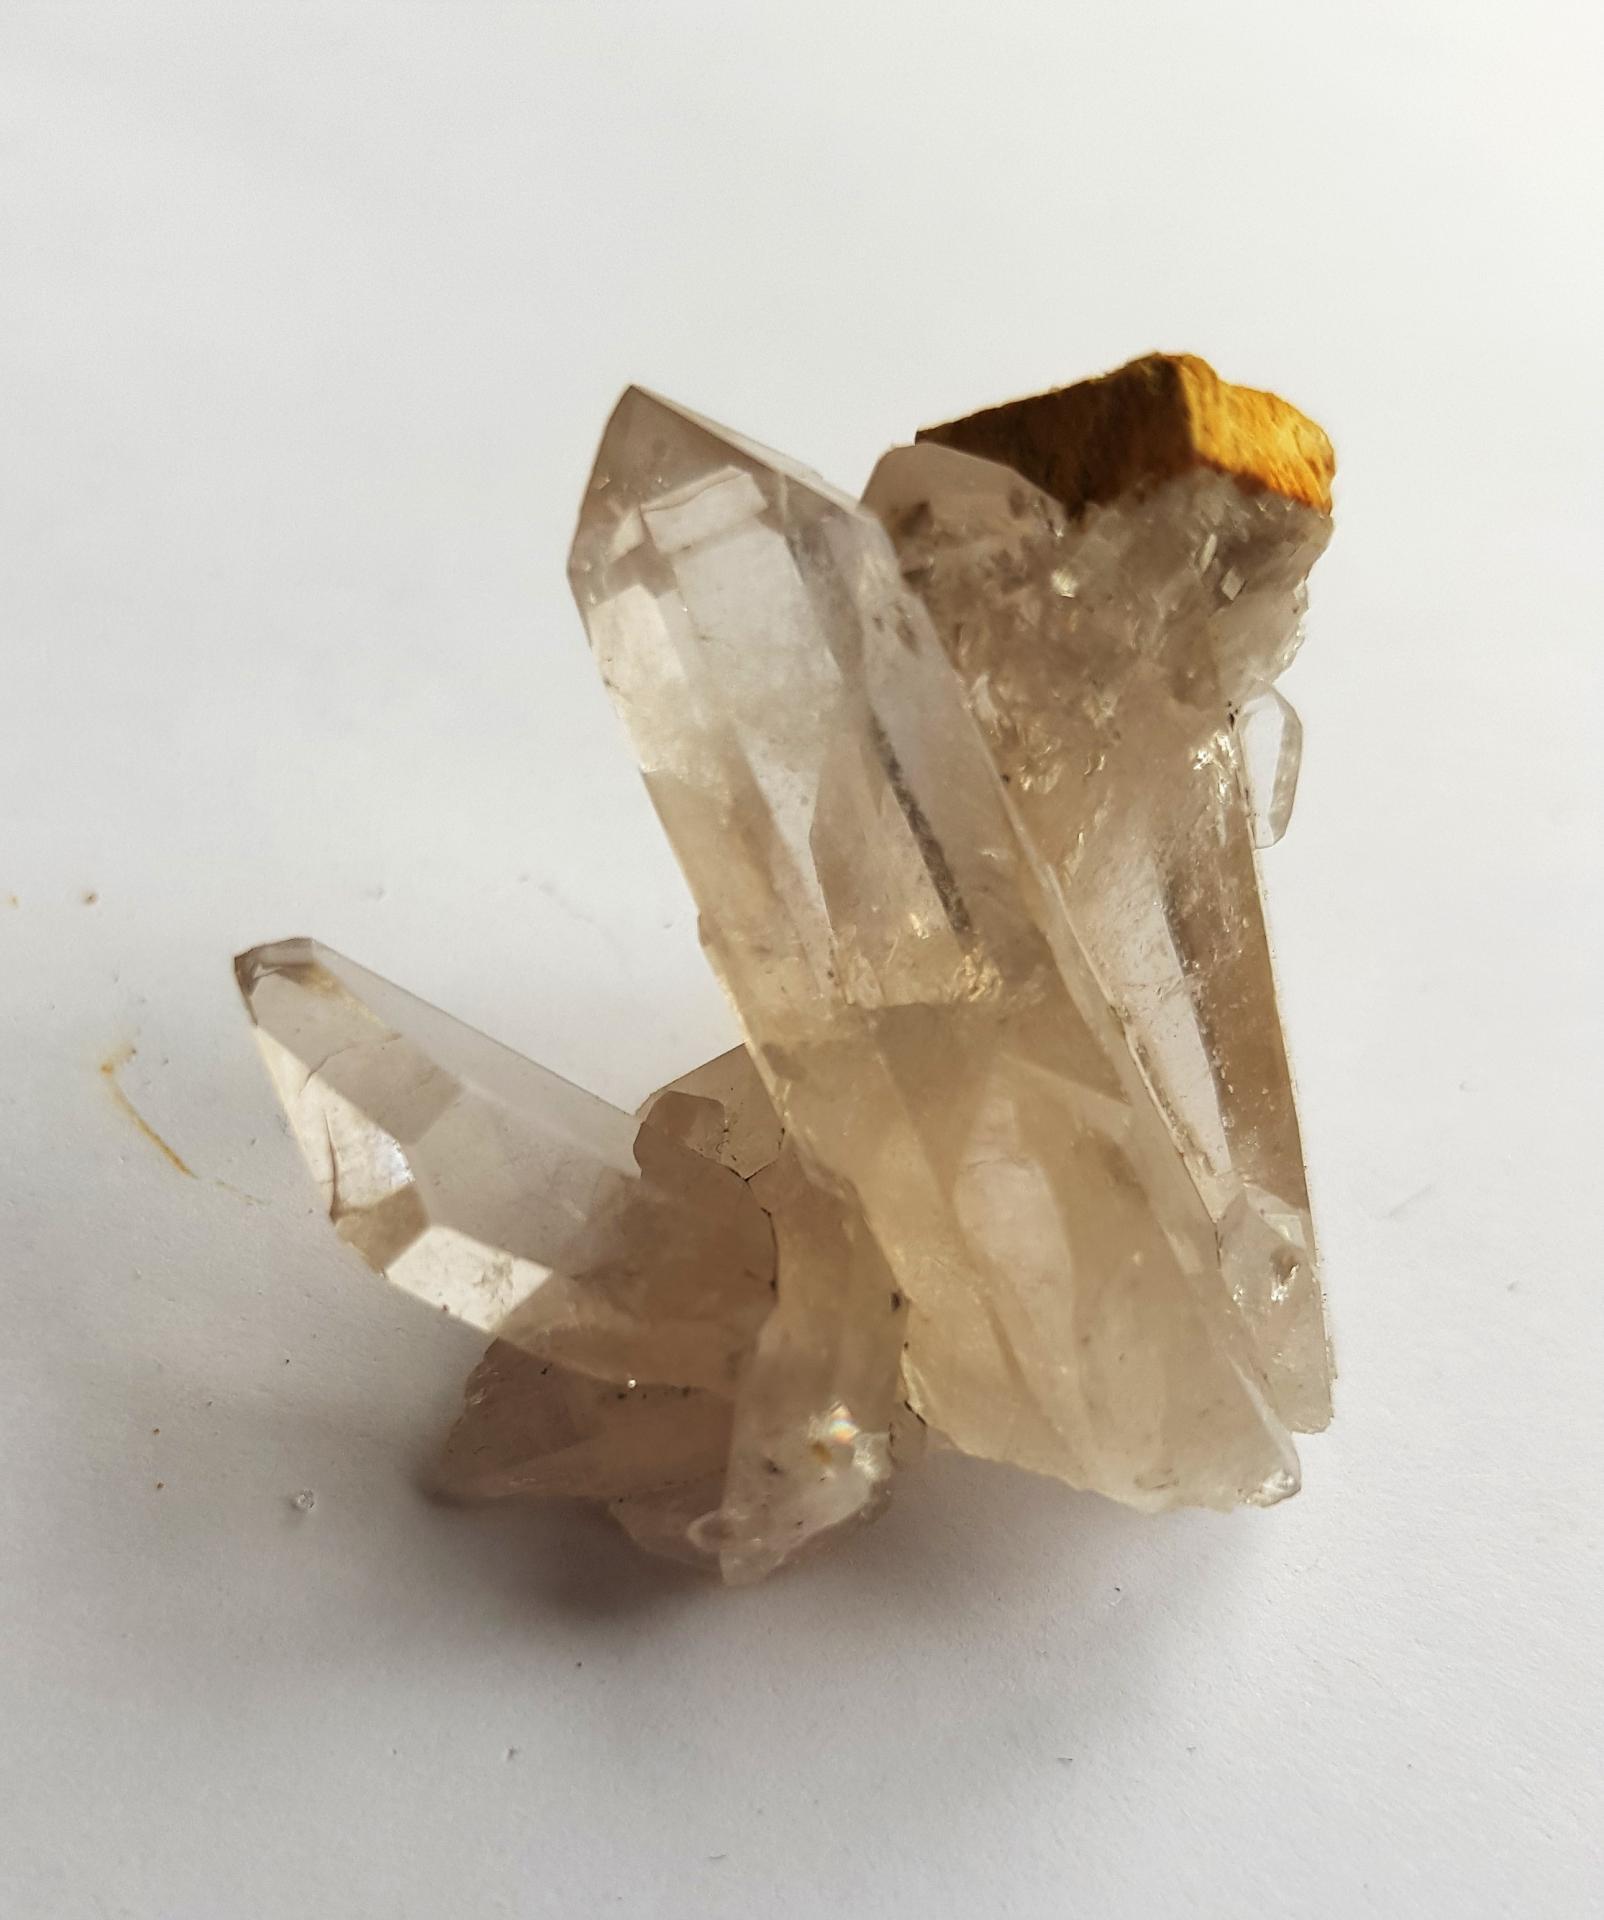 Cristal de roche vaujanie 43